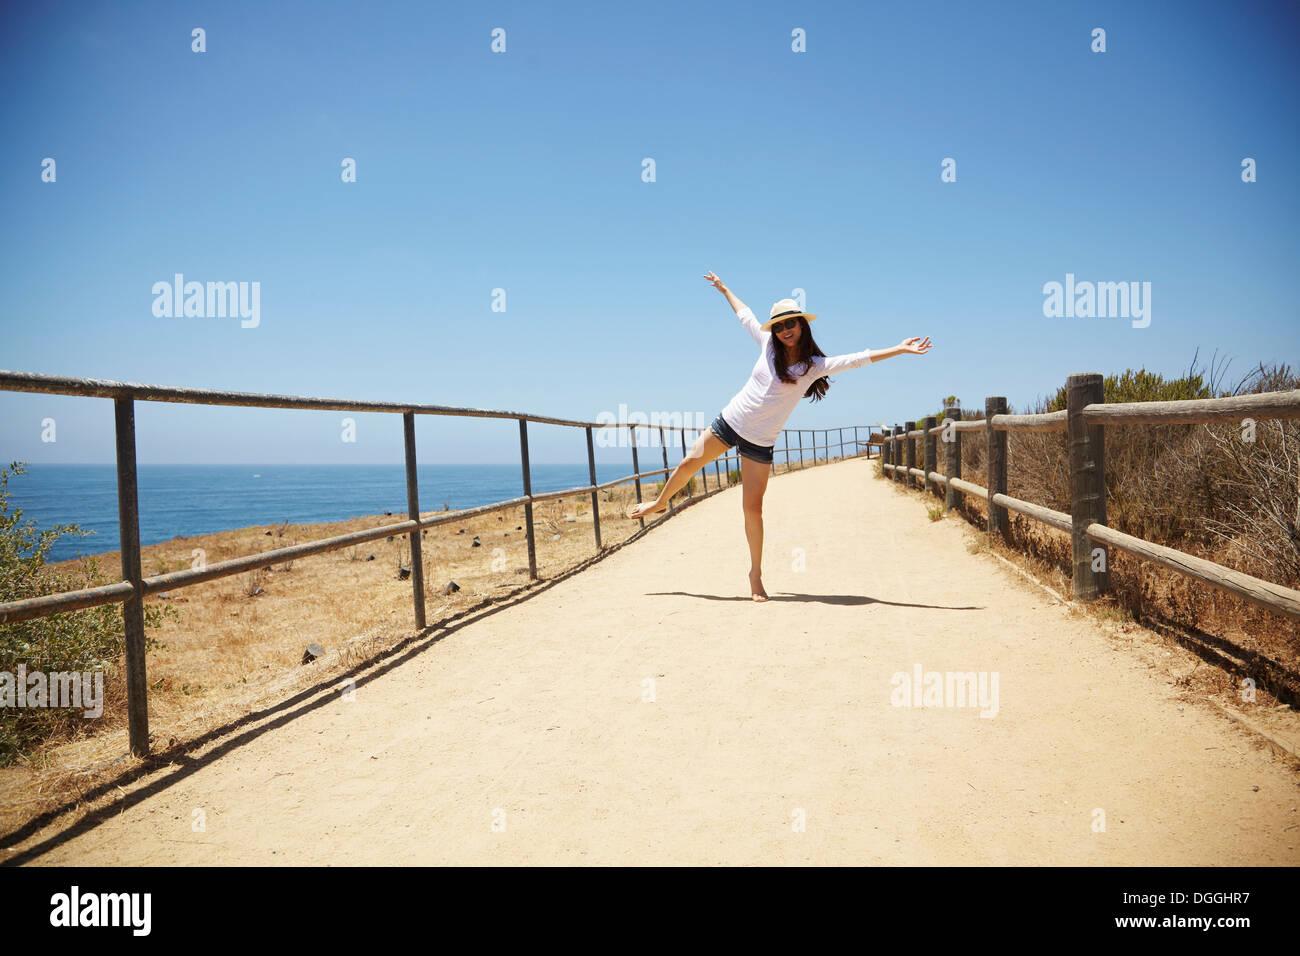 Junge Frau herumspielen, Palos Verdes, Kalifornien, USA Stockbild